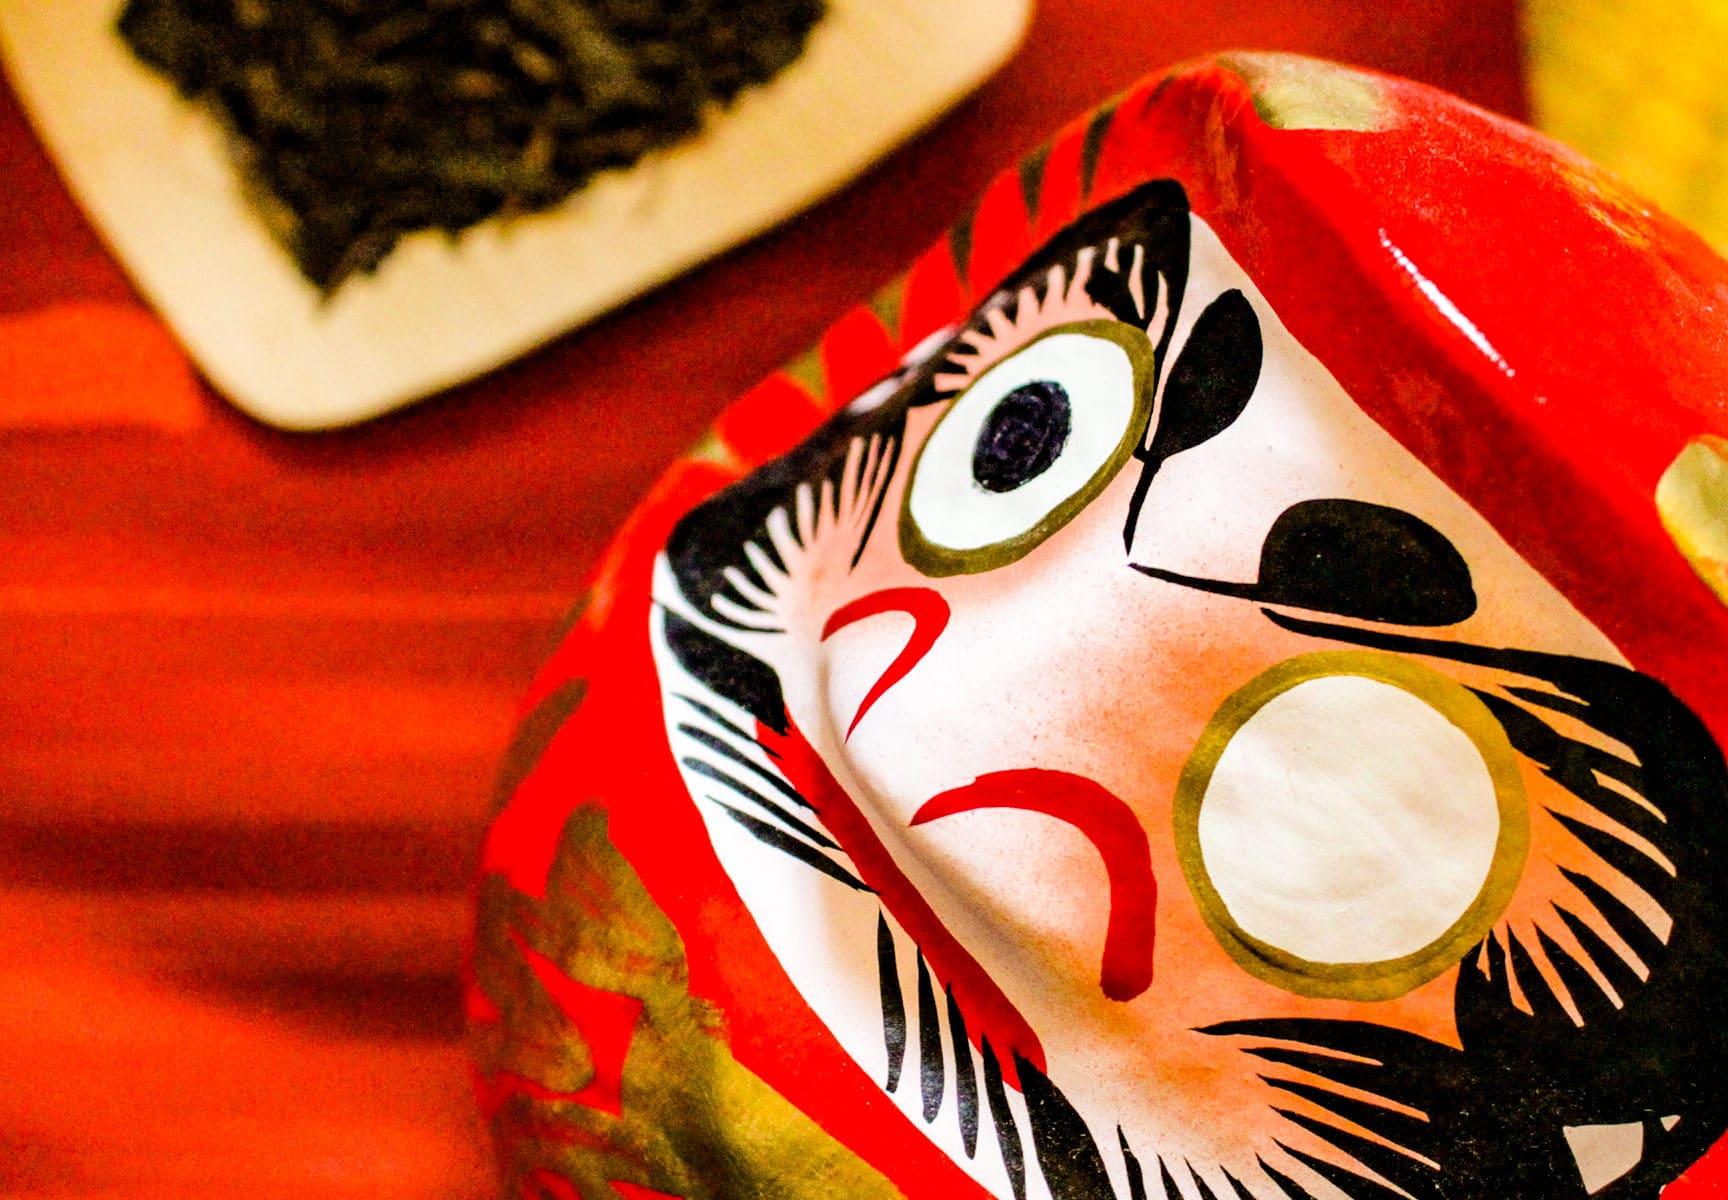 Thé Brun Grillé 'Hojicha' du Japon - Retour au Foyer